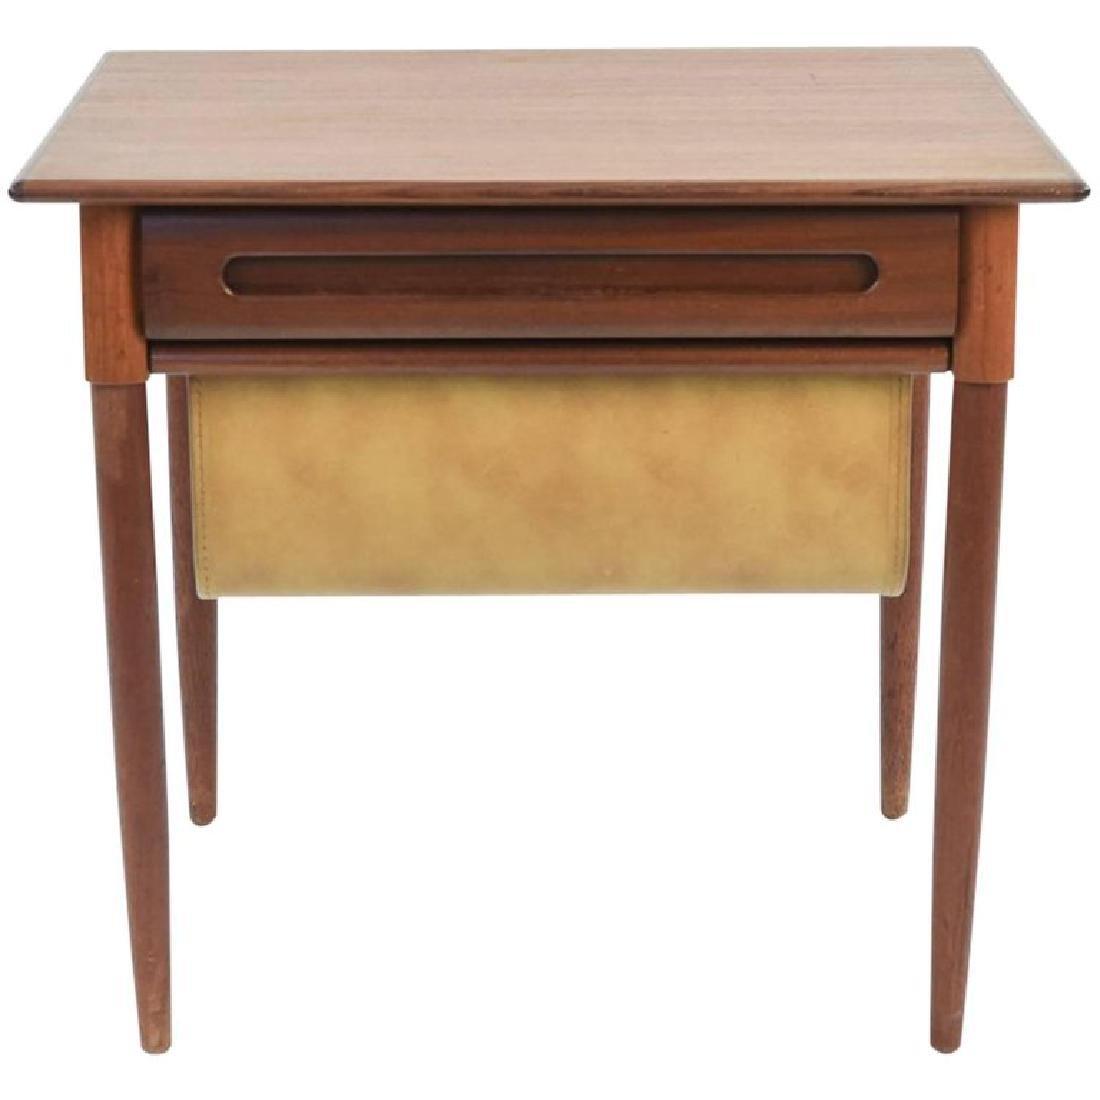 NORWEGIAN MID-CENTURY TEAK SEWING TABLE